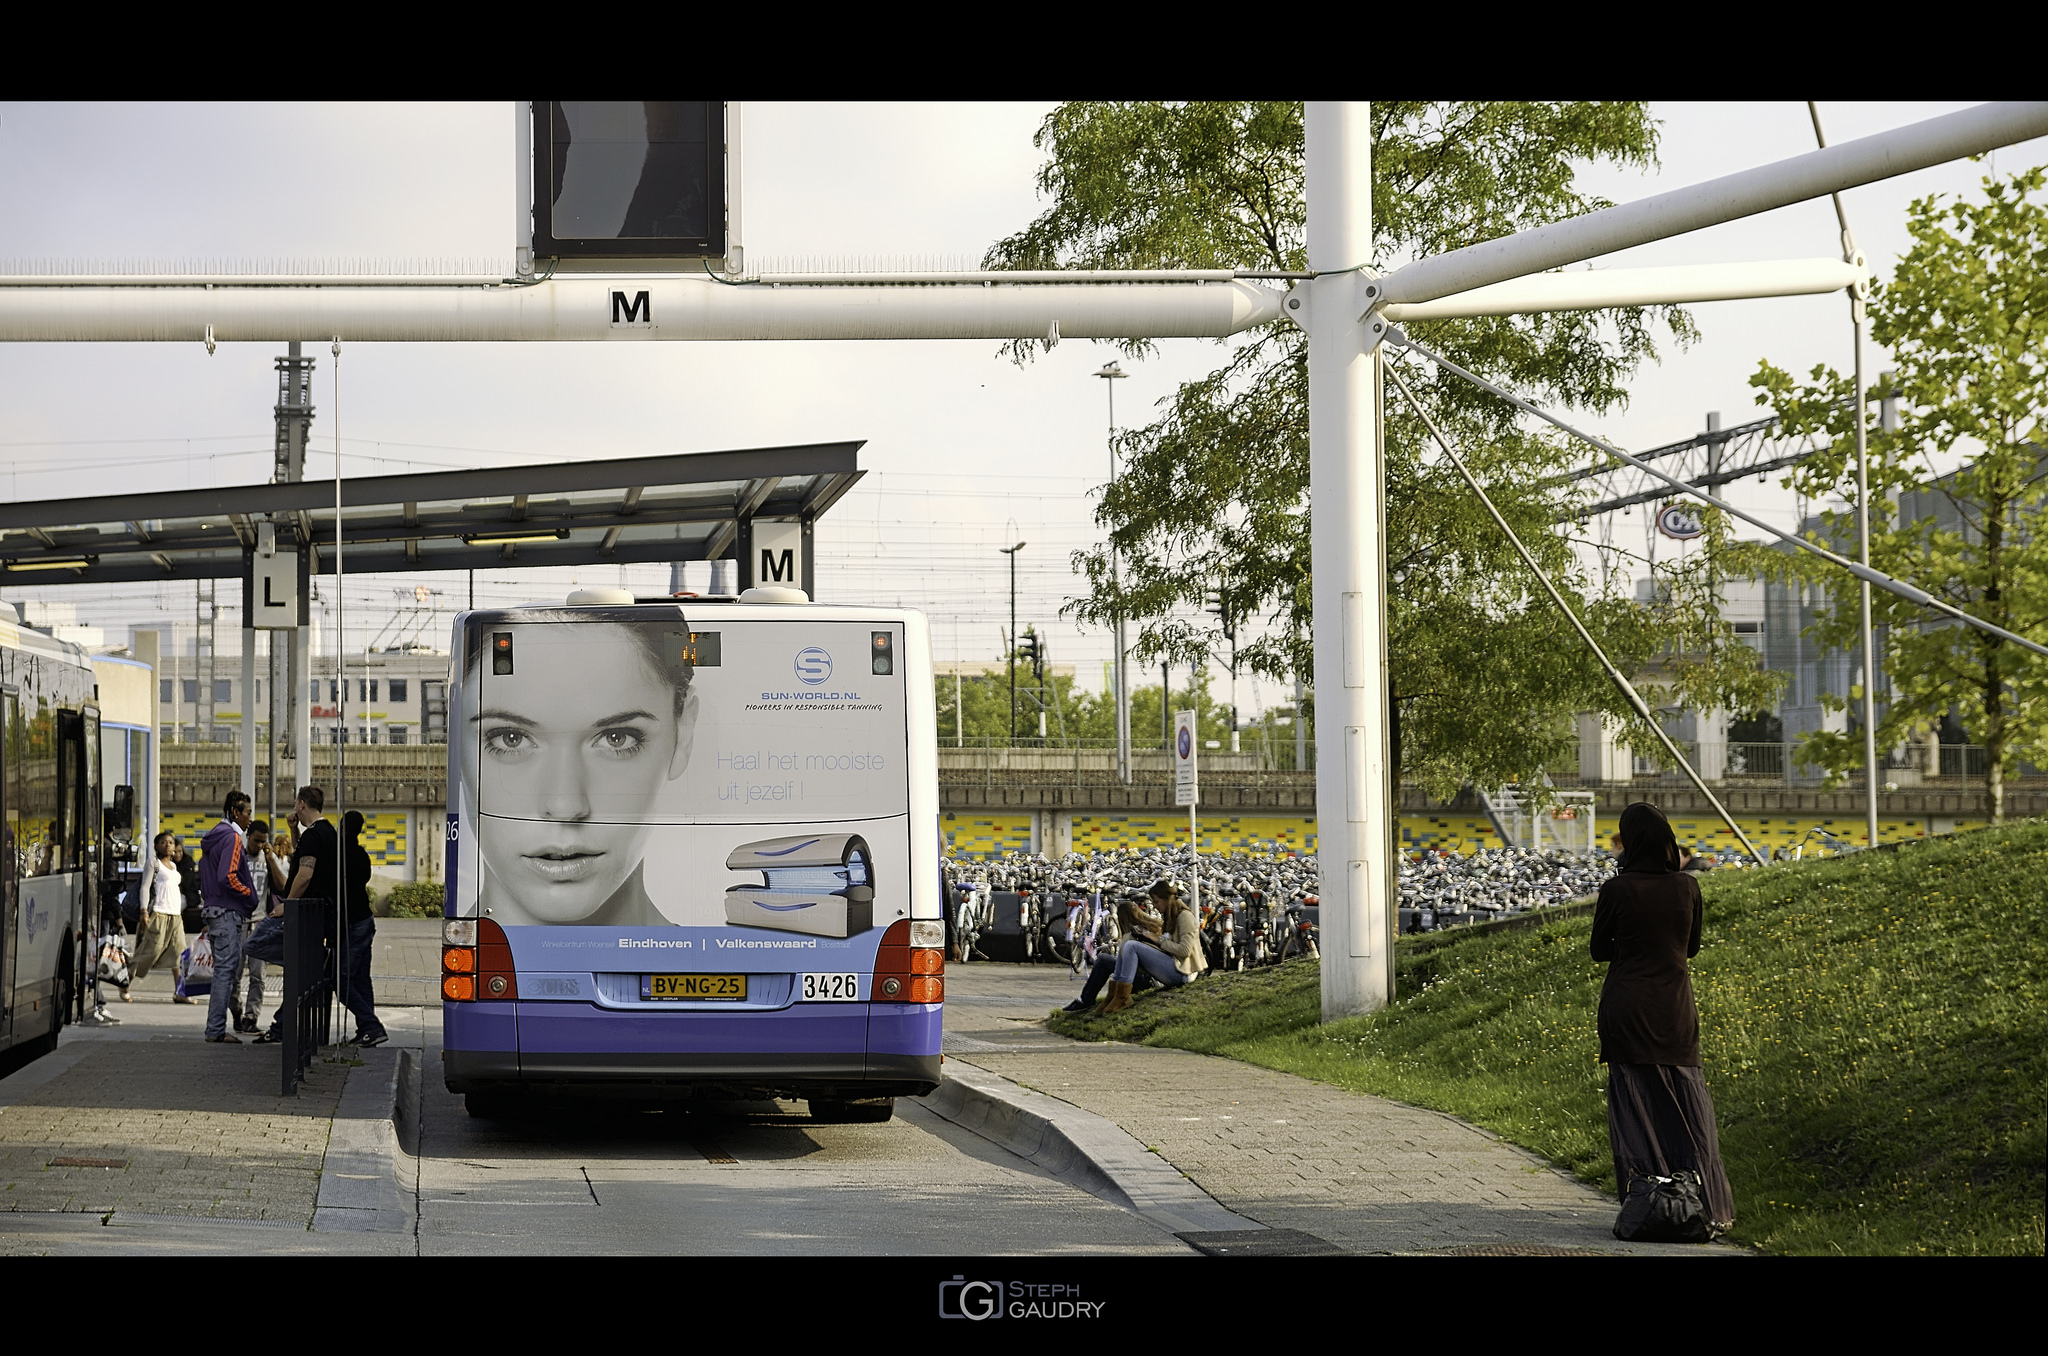 Wachten op de bus... [Click to start slideshow]